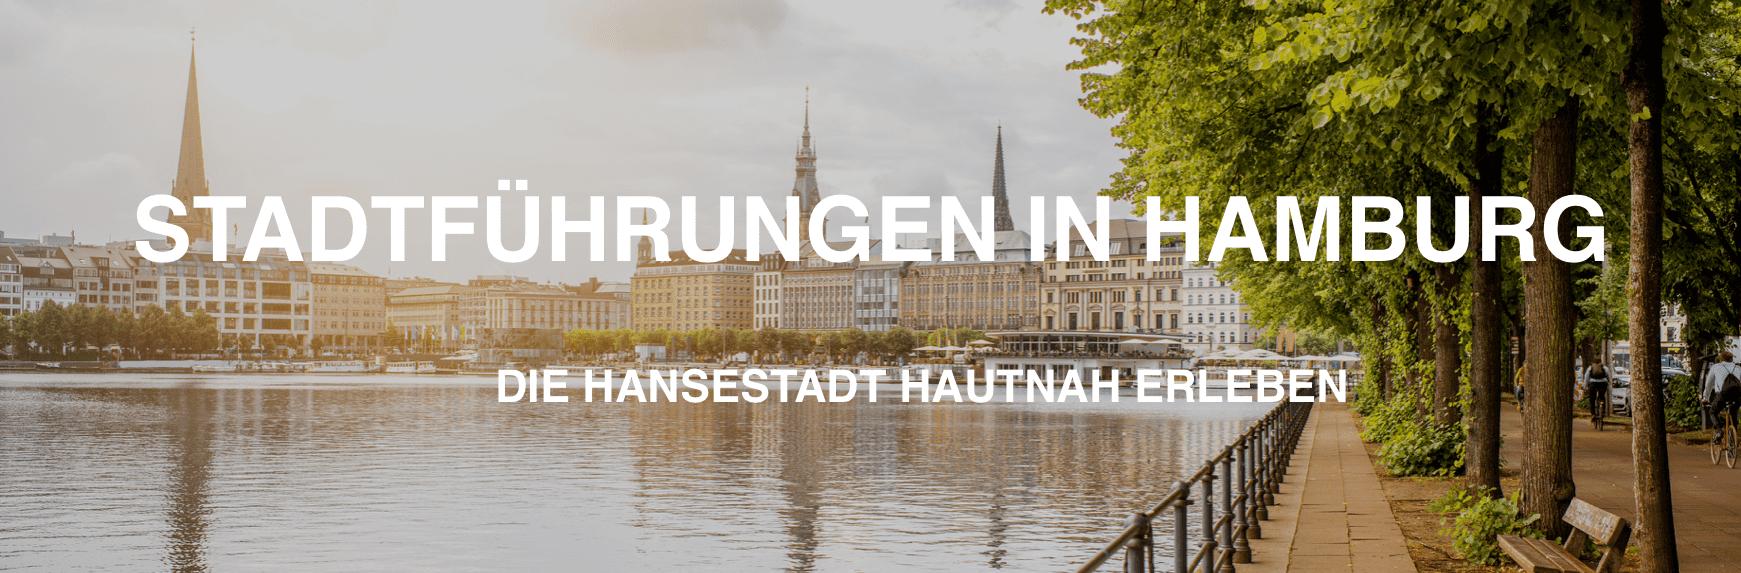 Stadtfuehrungen in Hamburg TOP Site